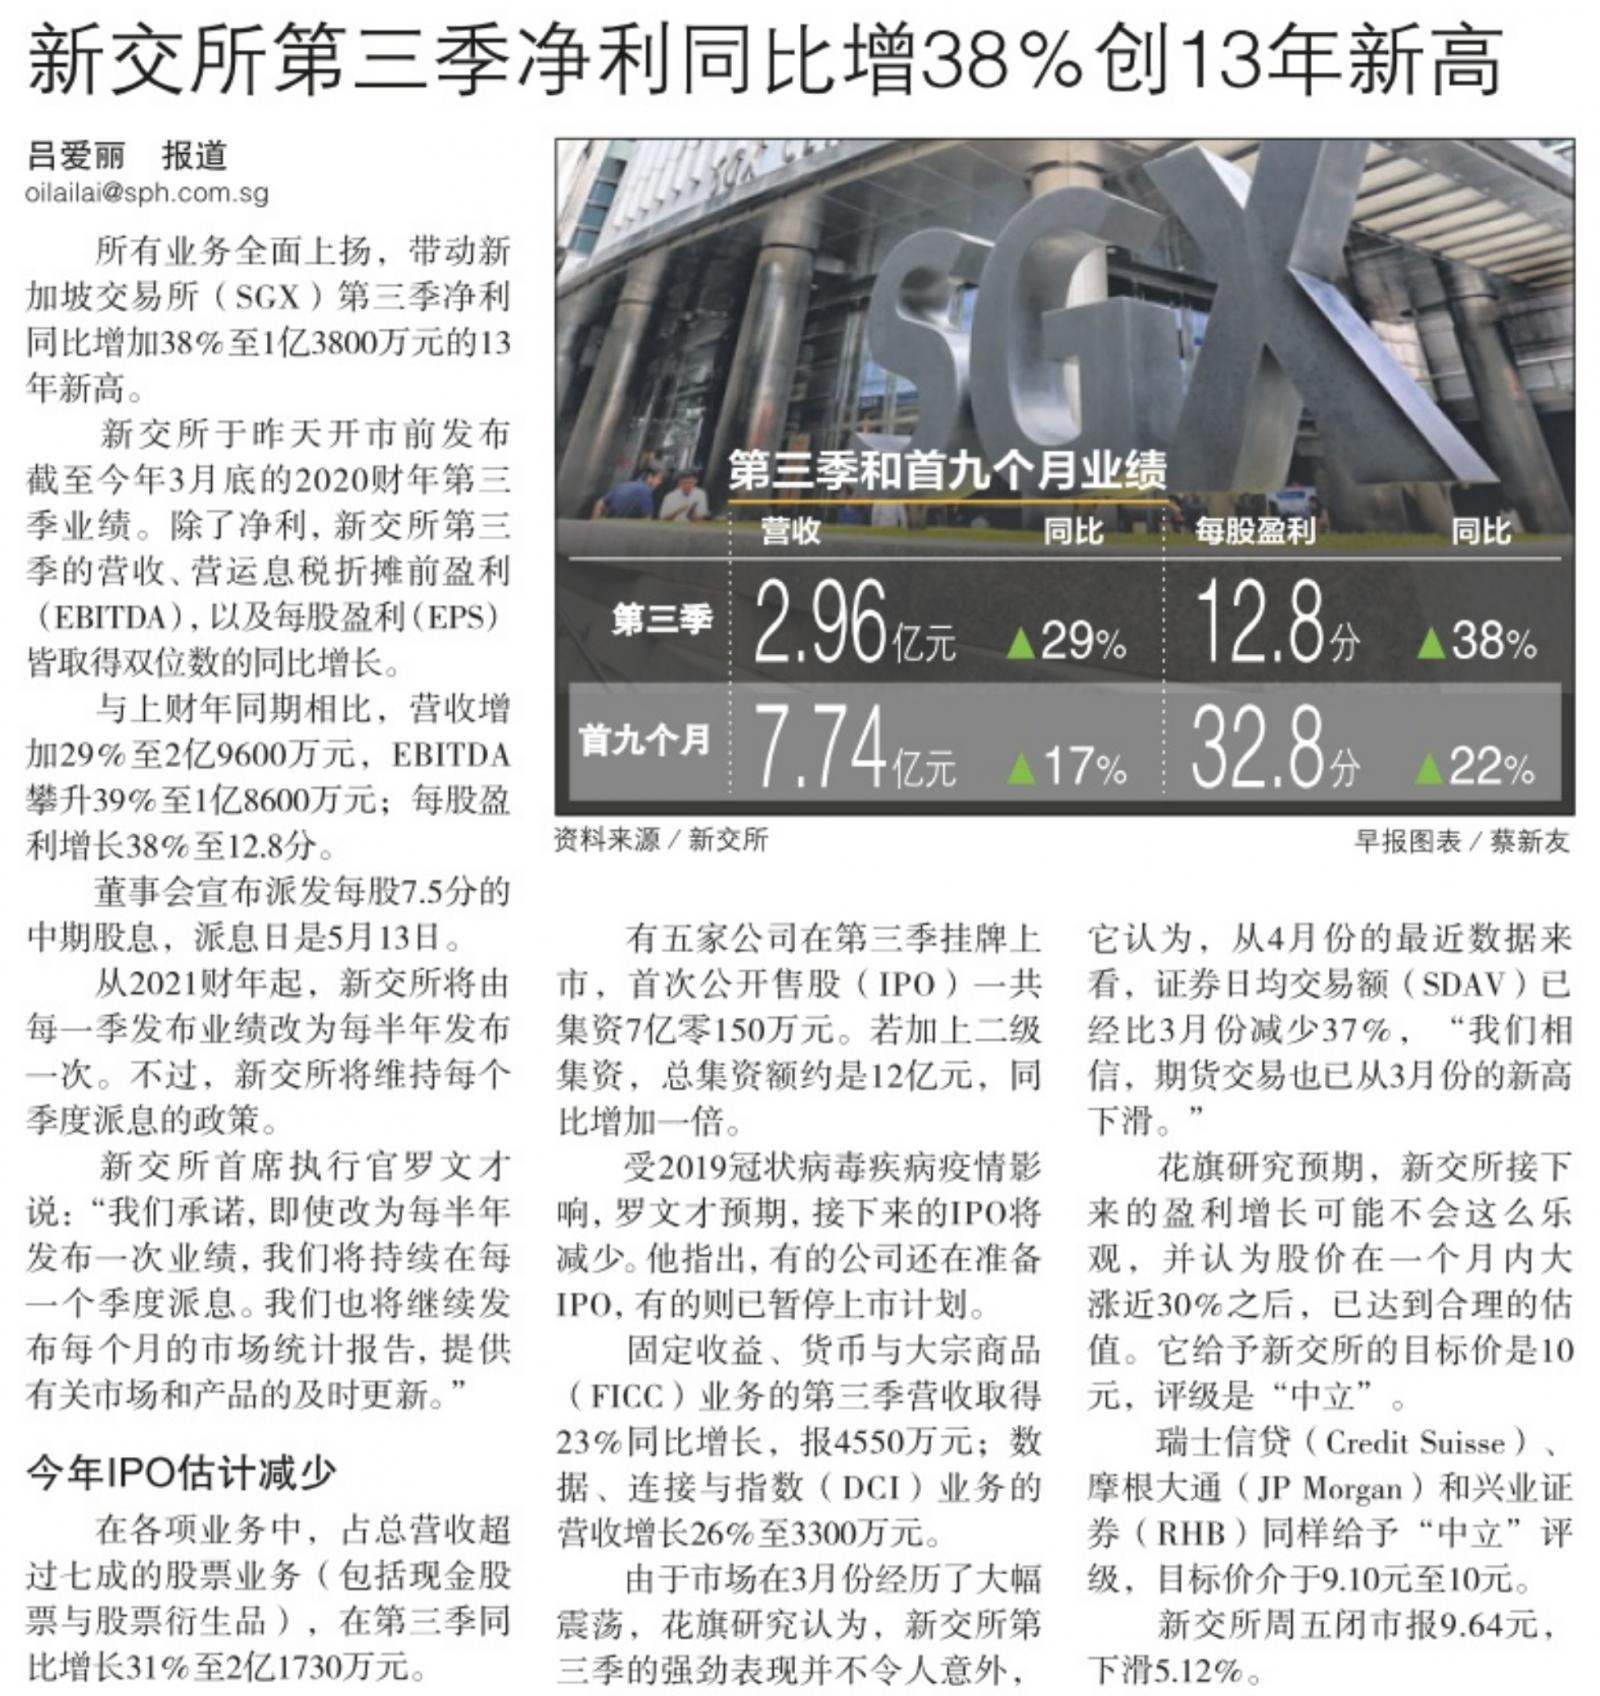 新交所第三季净利同比增38%创13年新高.jpg